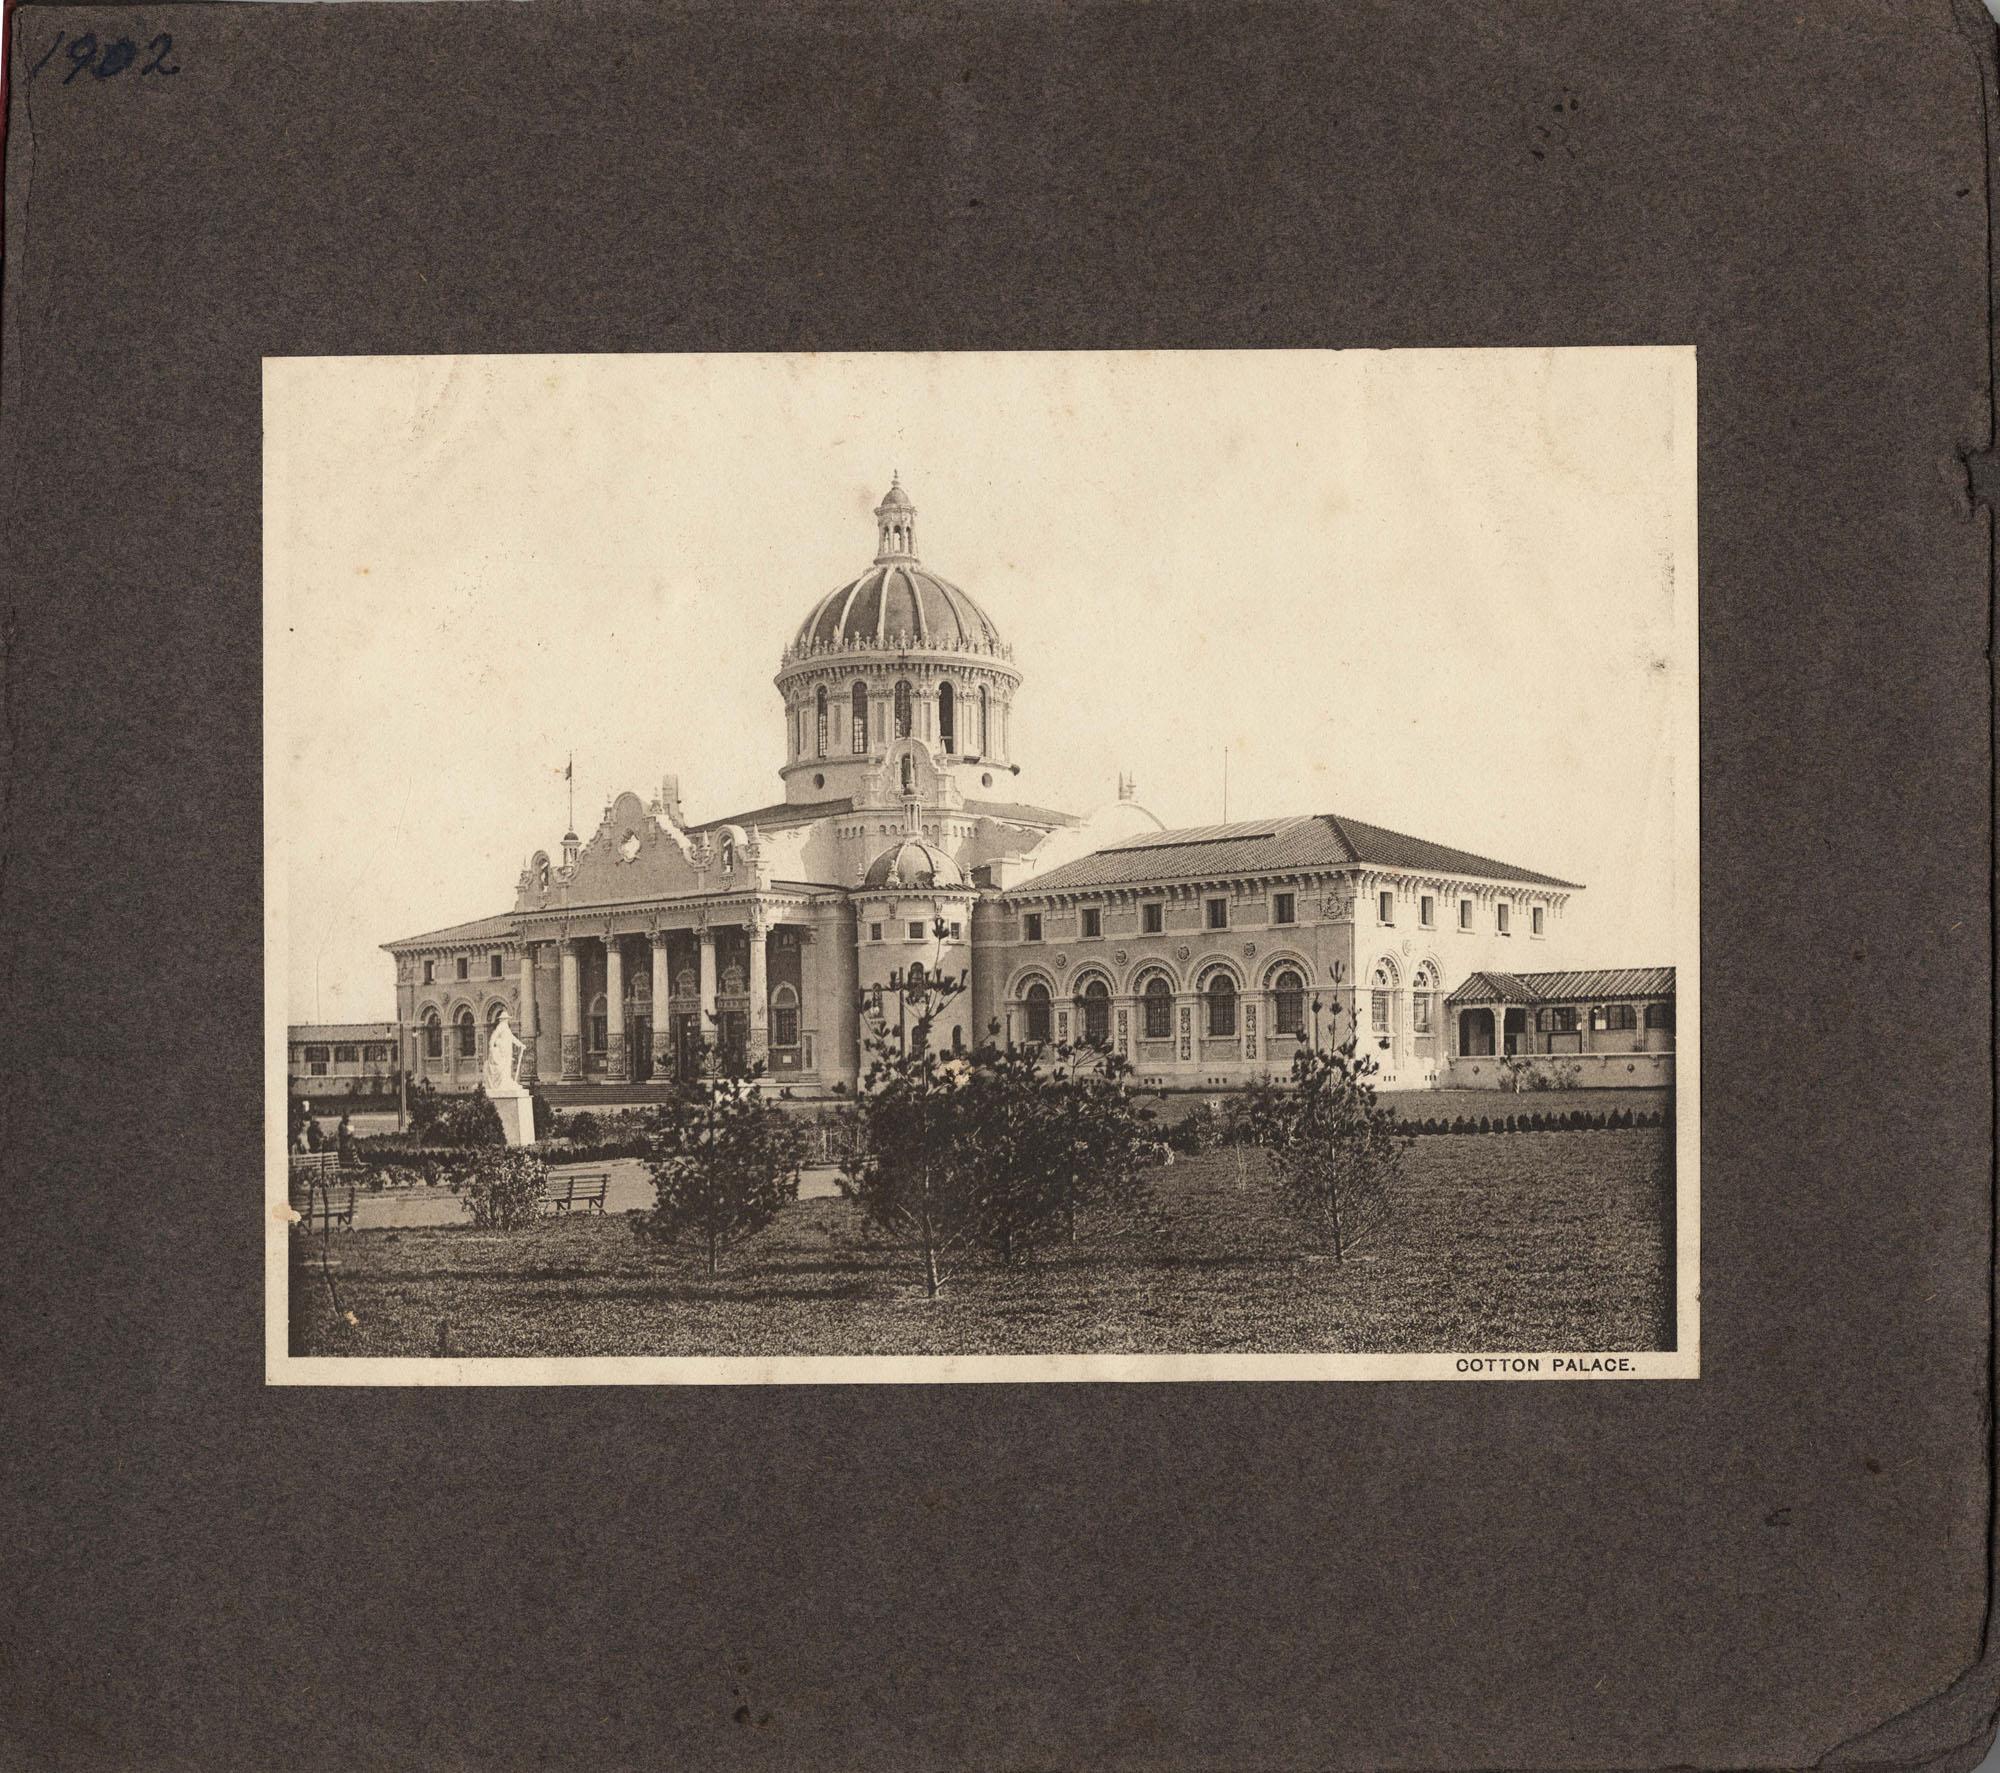 Cotton Palace